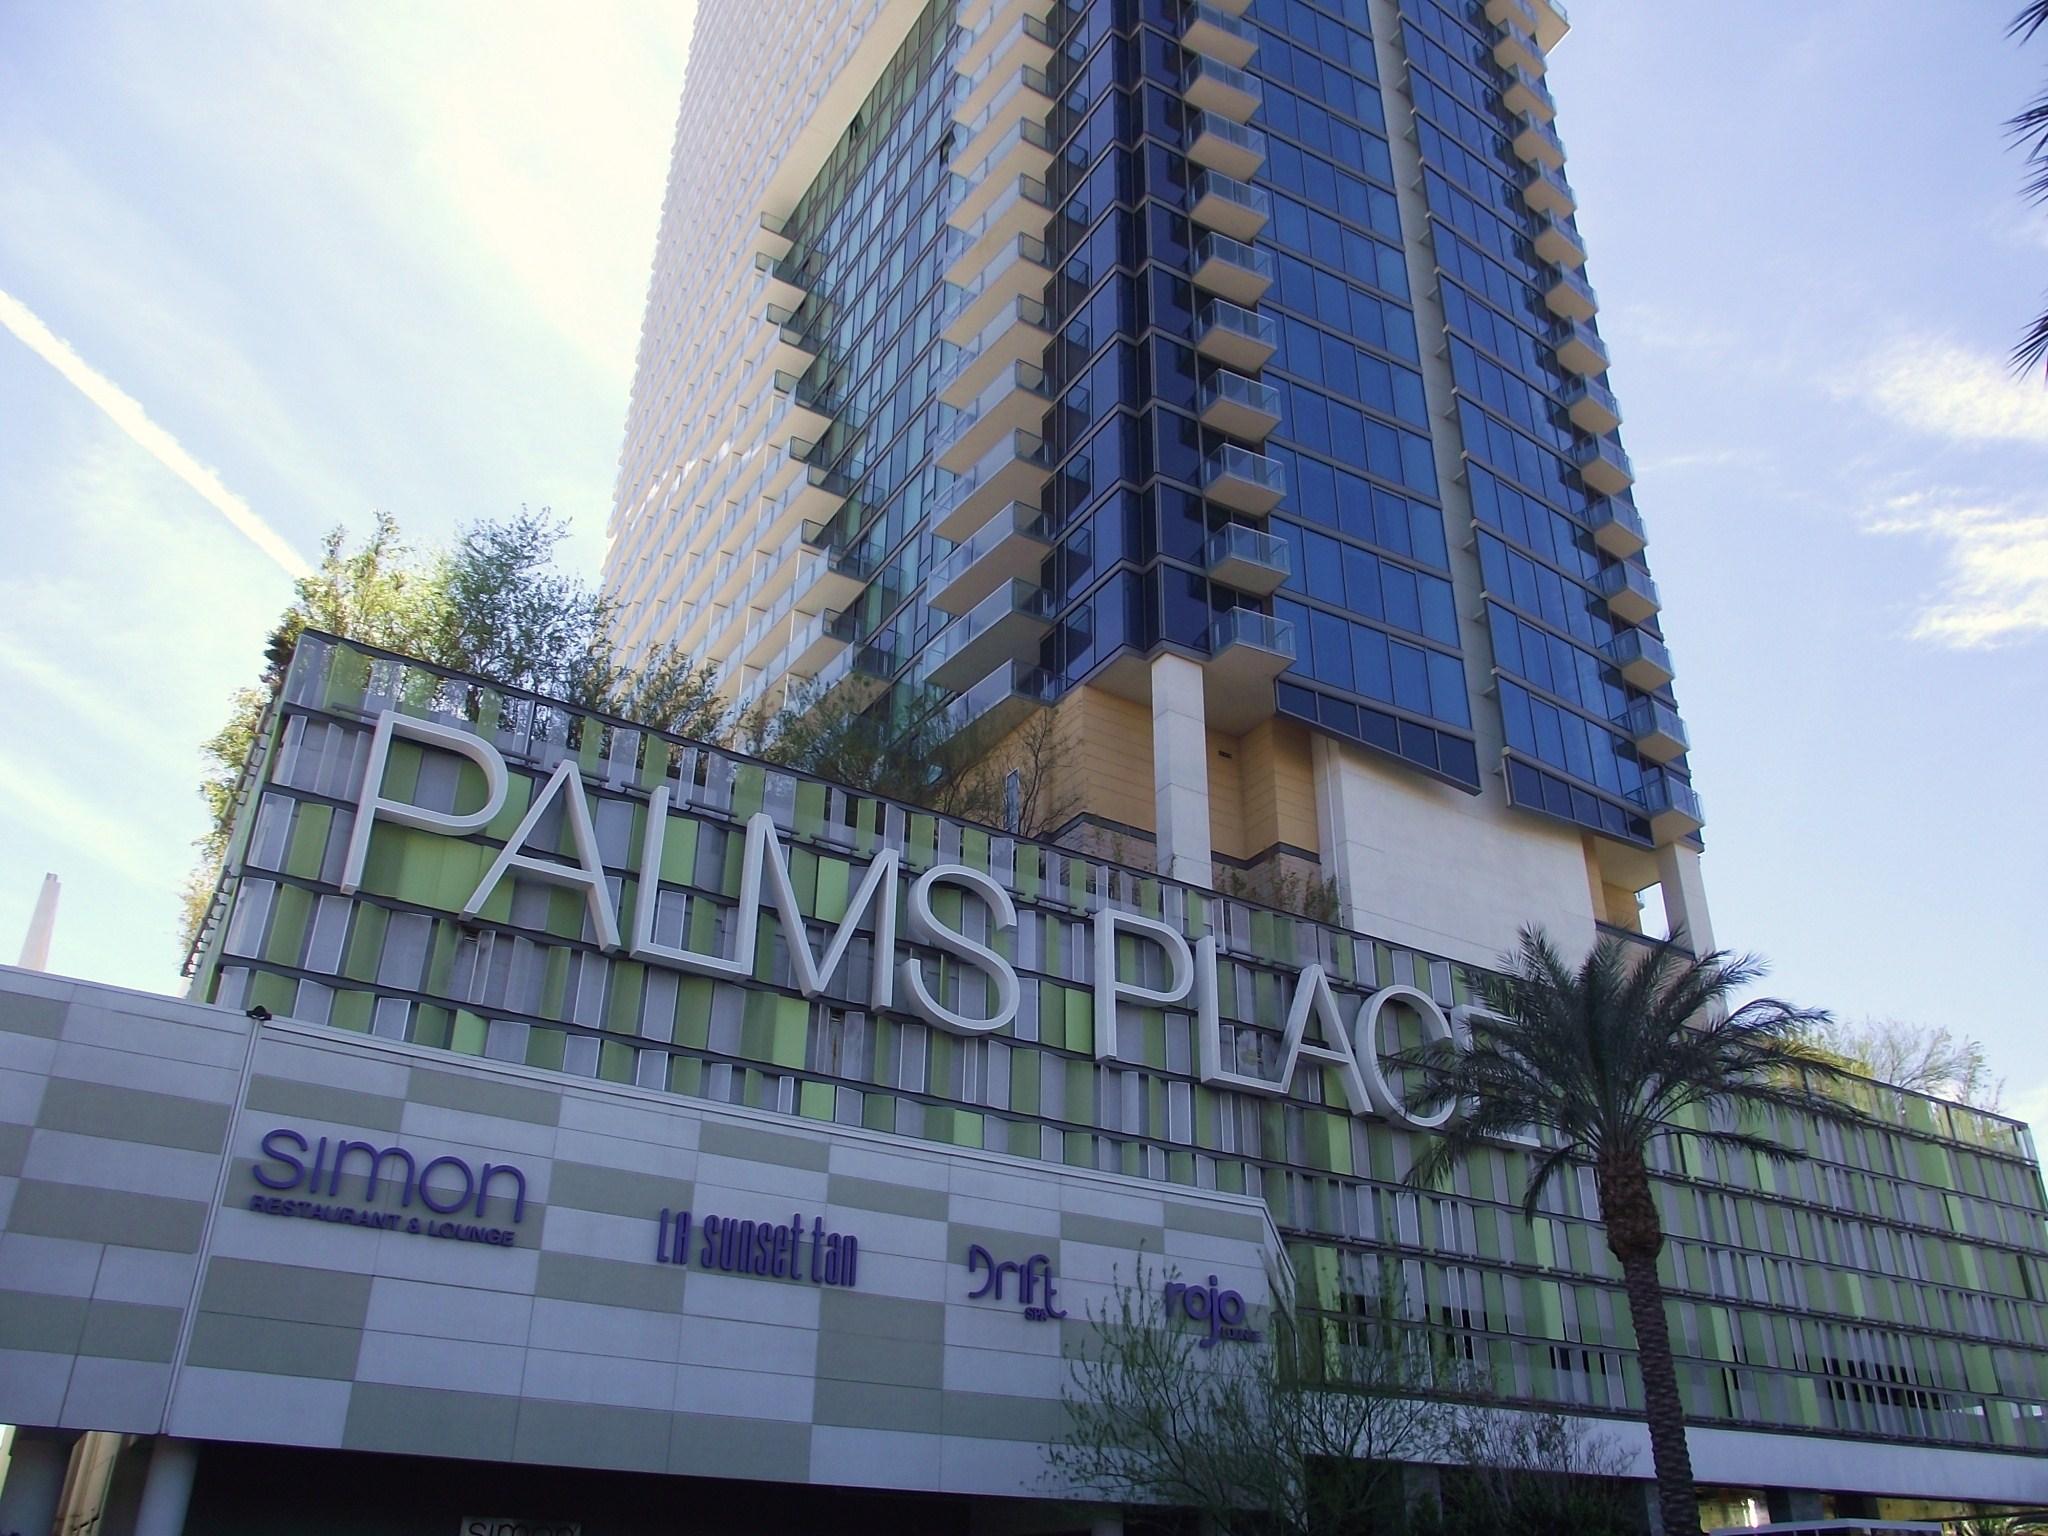 Palms Place Condos Las Vegas – Las Vegas Condos For Sale